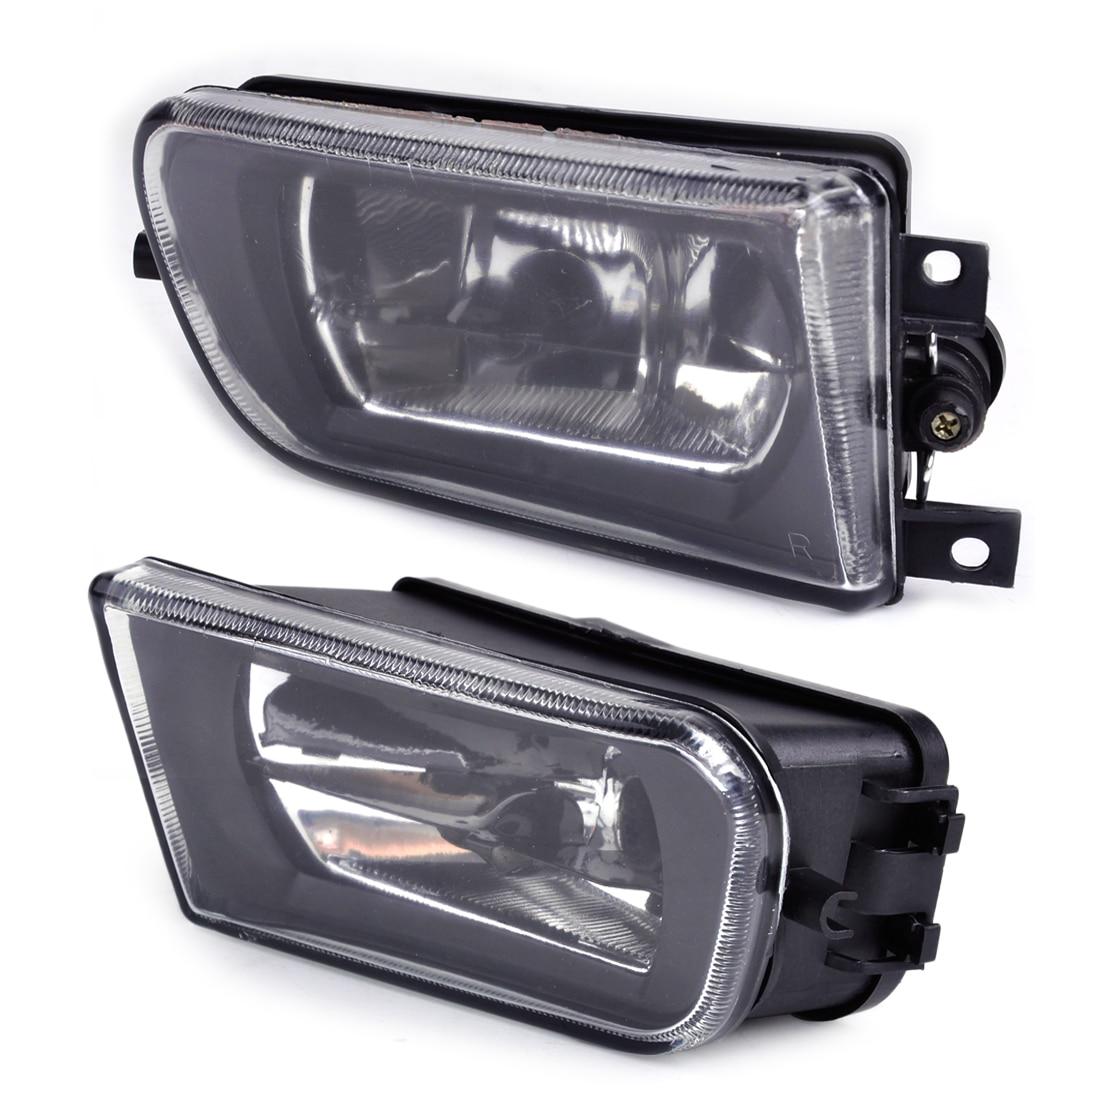 DWCX 63178360575, 63178360576 22pcs Fog Light Lamp for BMW E36 Z3 E39 5 Series 528i 540i 535i 1997 1998 1999 2000 porta 22 2000 700 40 magic fog wenge veralinga